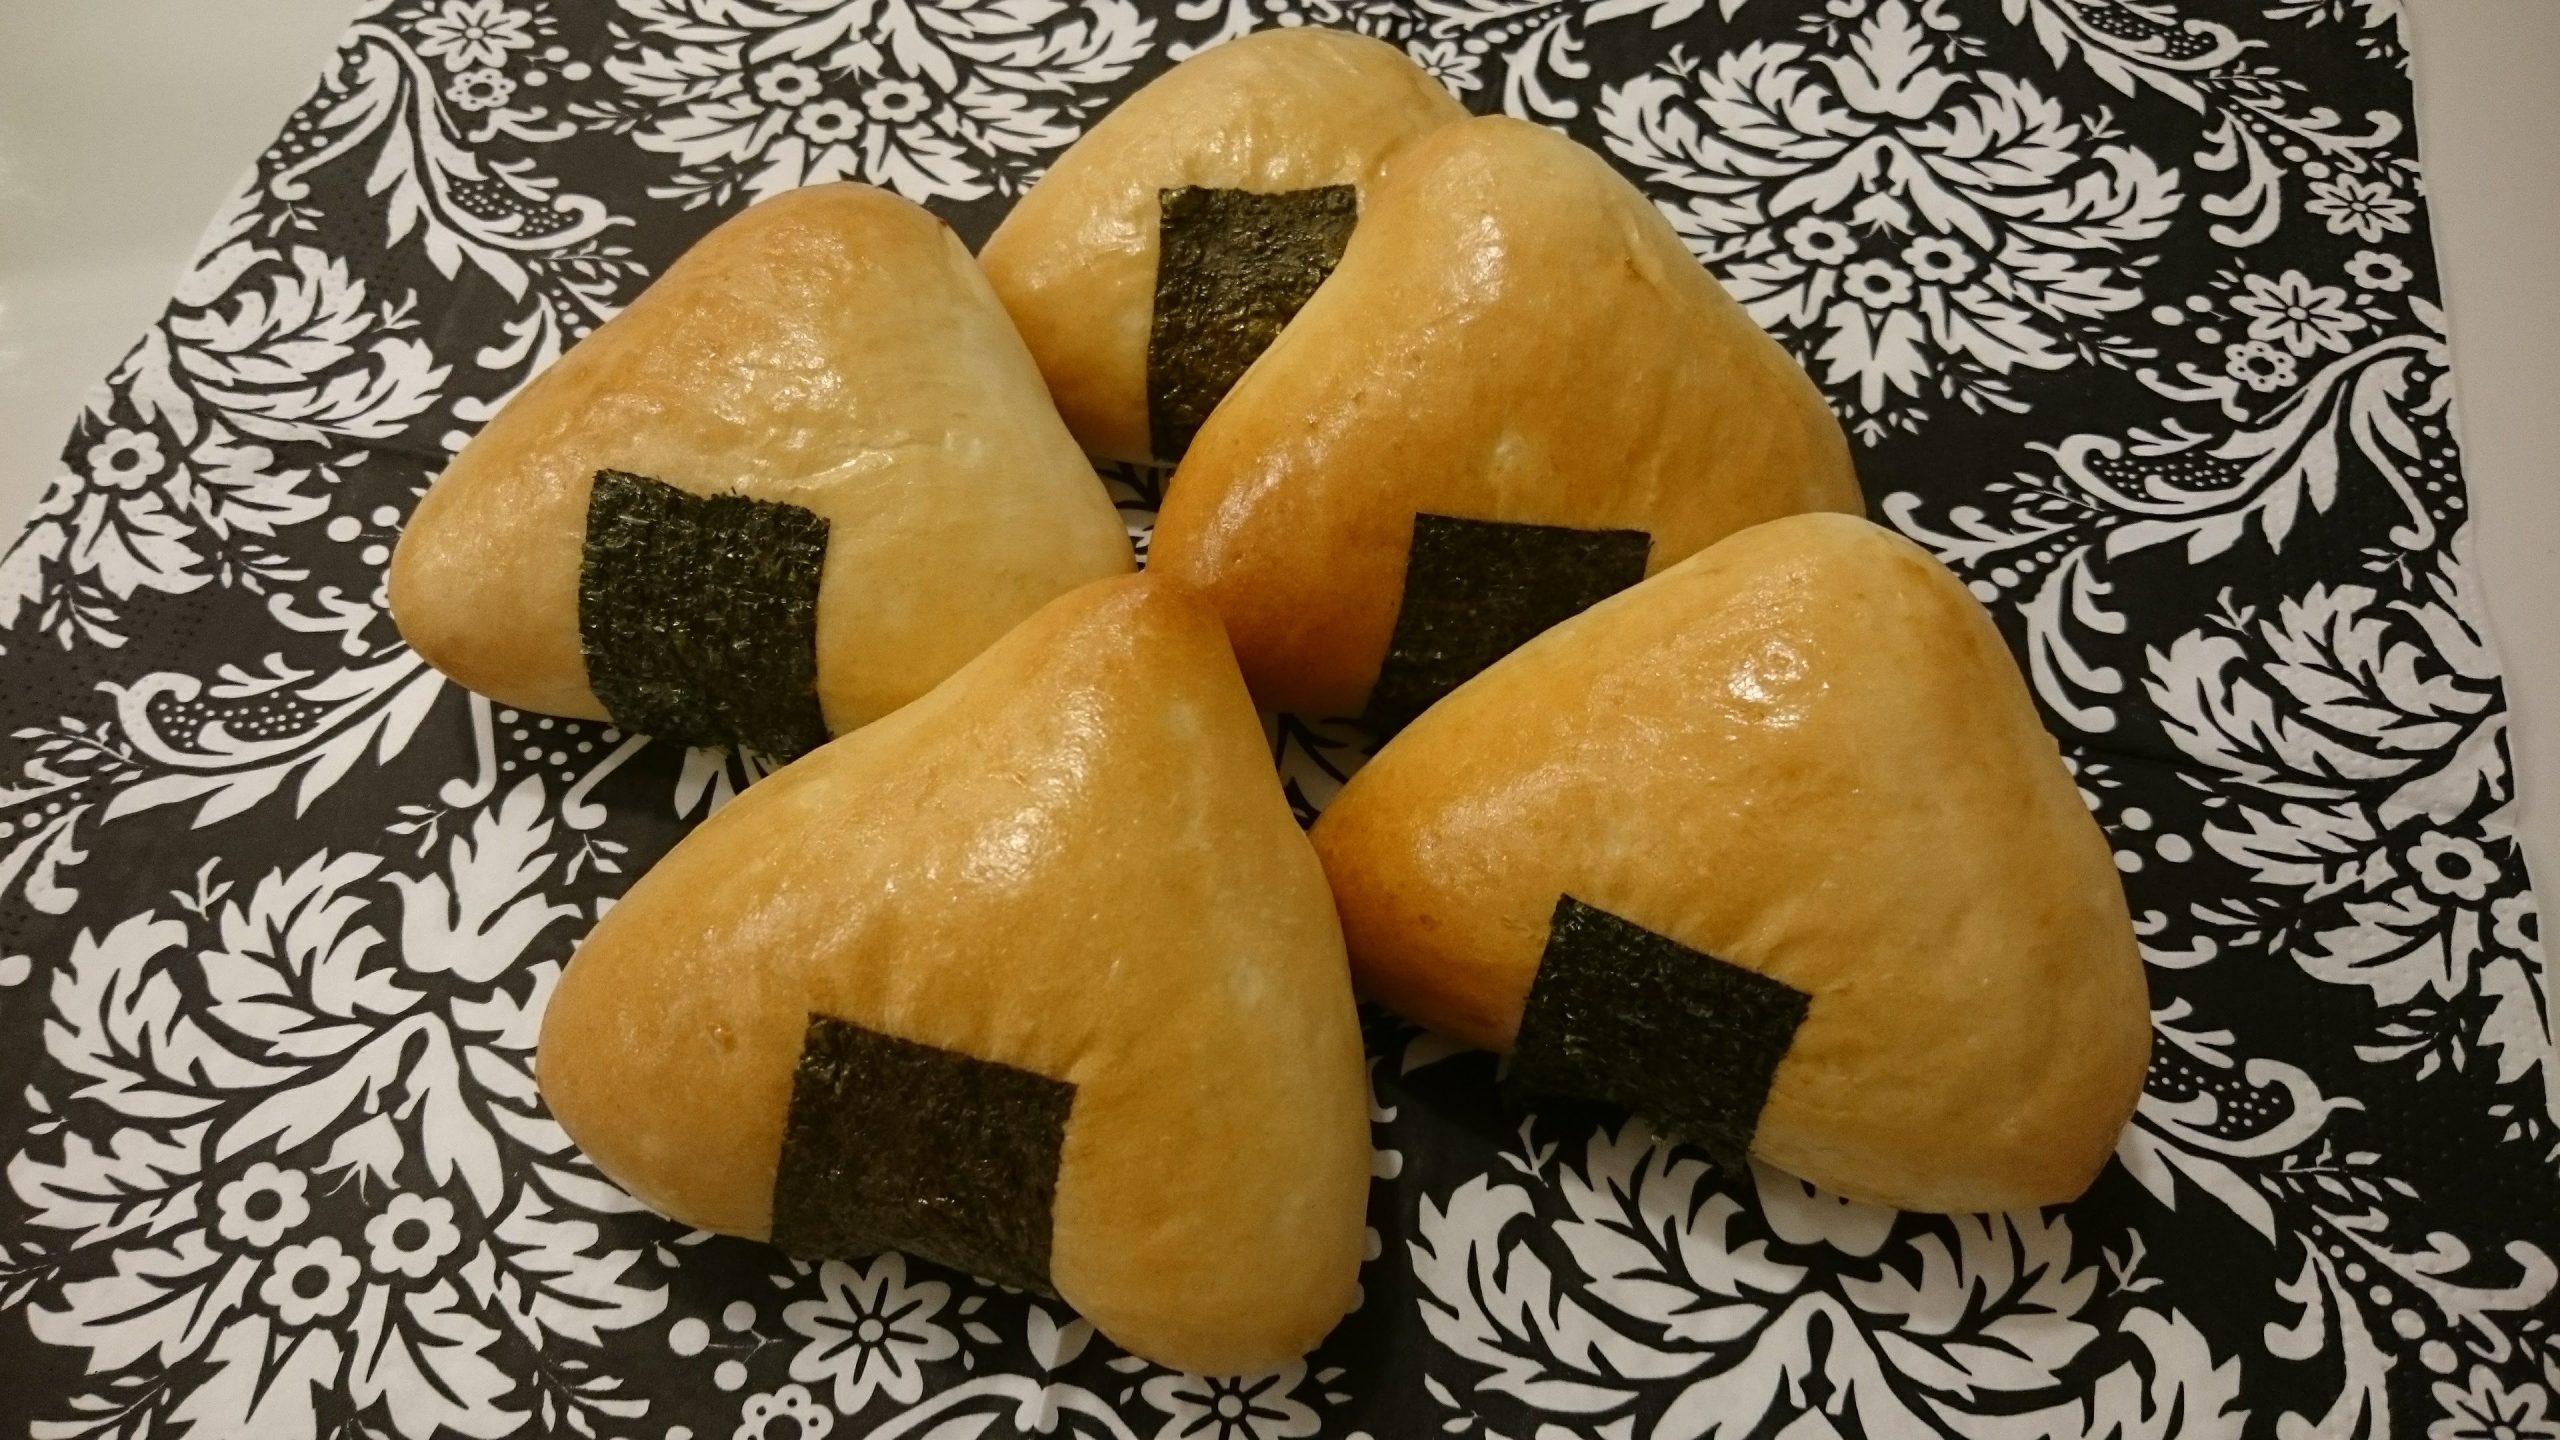 【中止】東文化会館 文化講座 ホームベーカリーを使ったパンレッスン 7月メニュー おにぎりパン